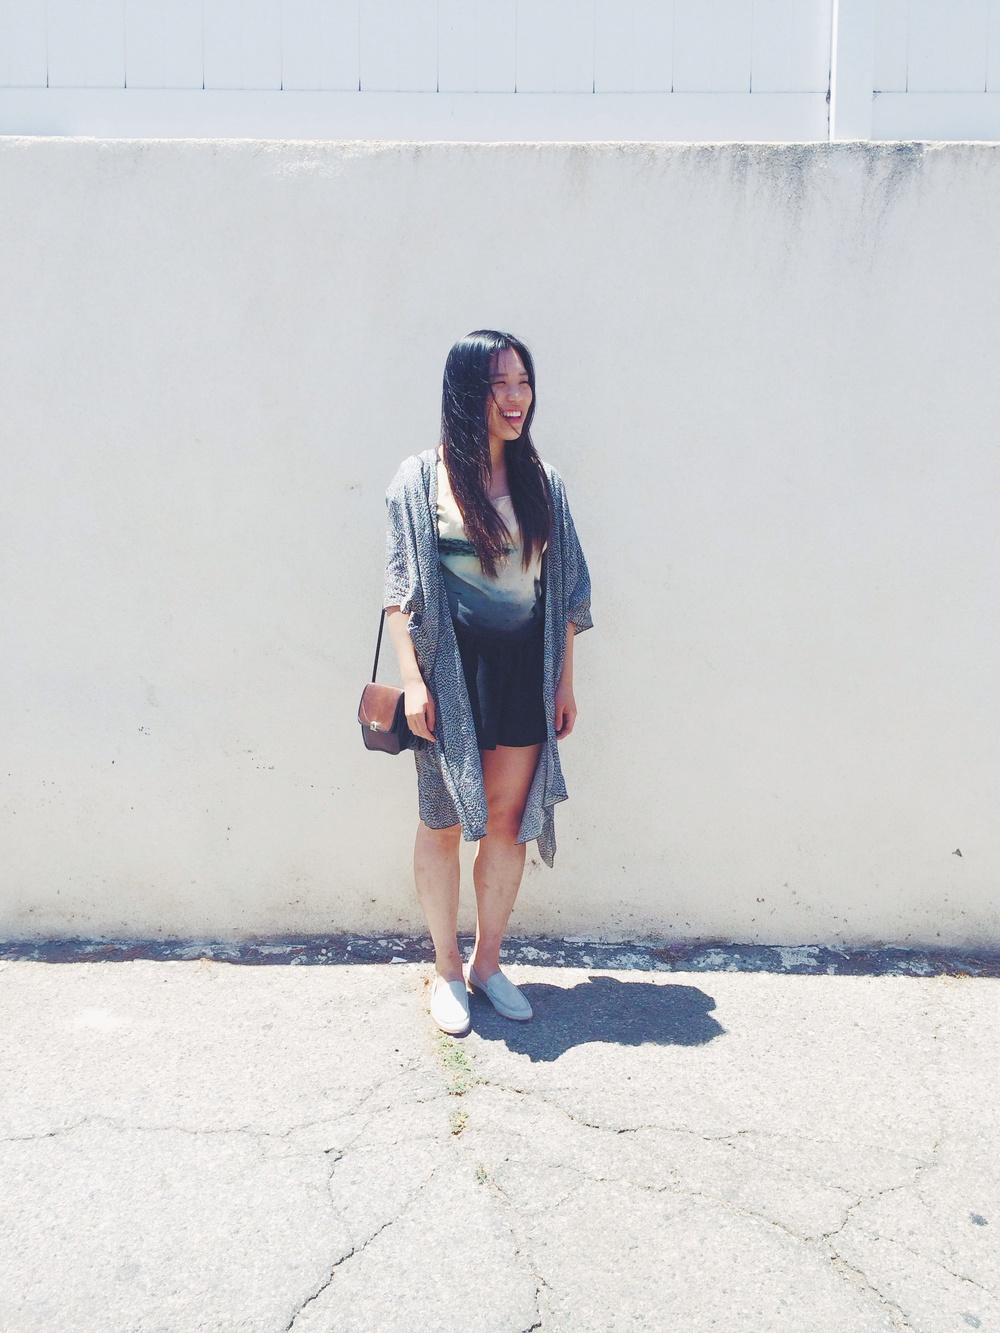 Taken in LA, few days before graduation in June2014.